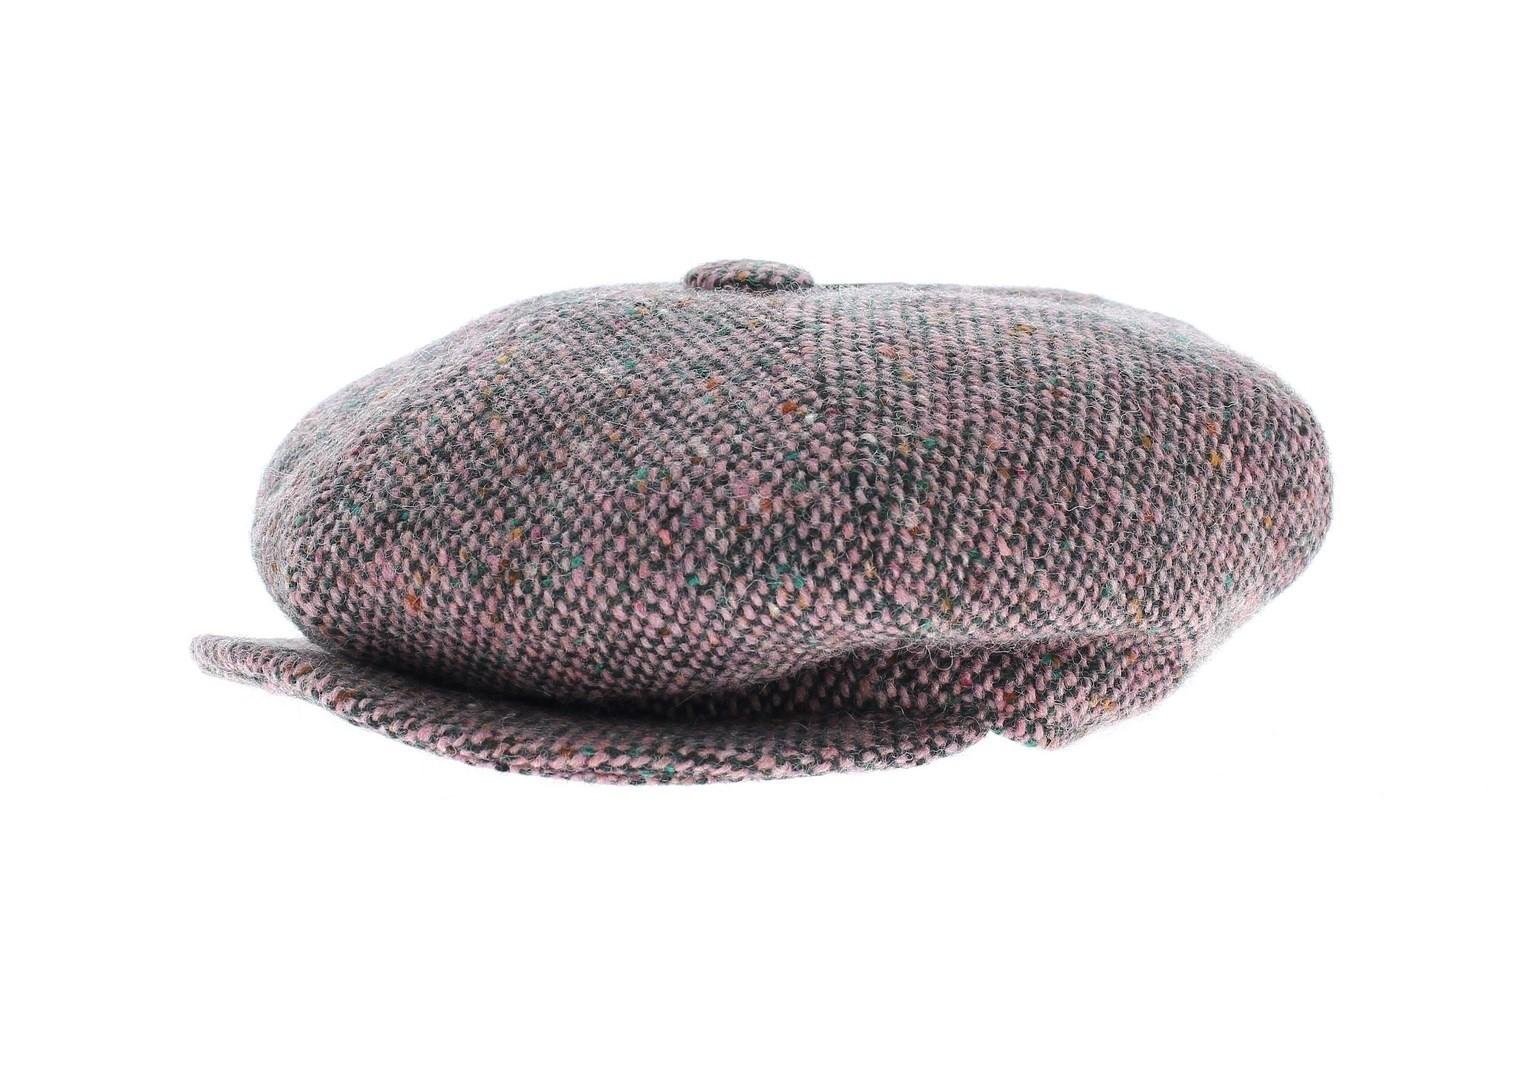 d6da46c014f42 https   www.chapellerie-traclet.com fr bonnet 3202-bonnet-a-pompon ...